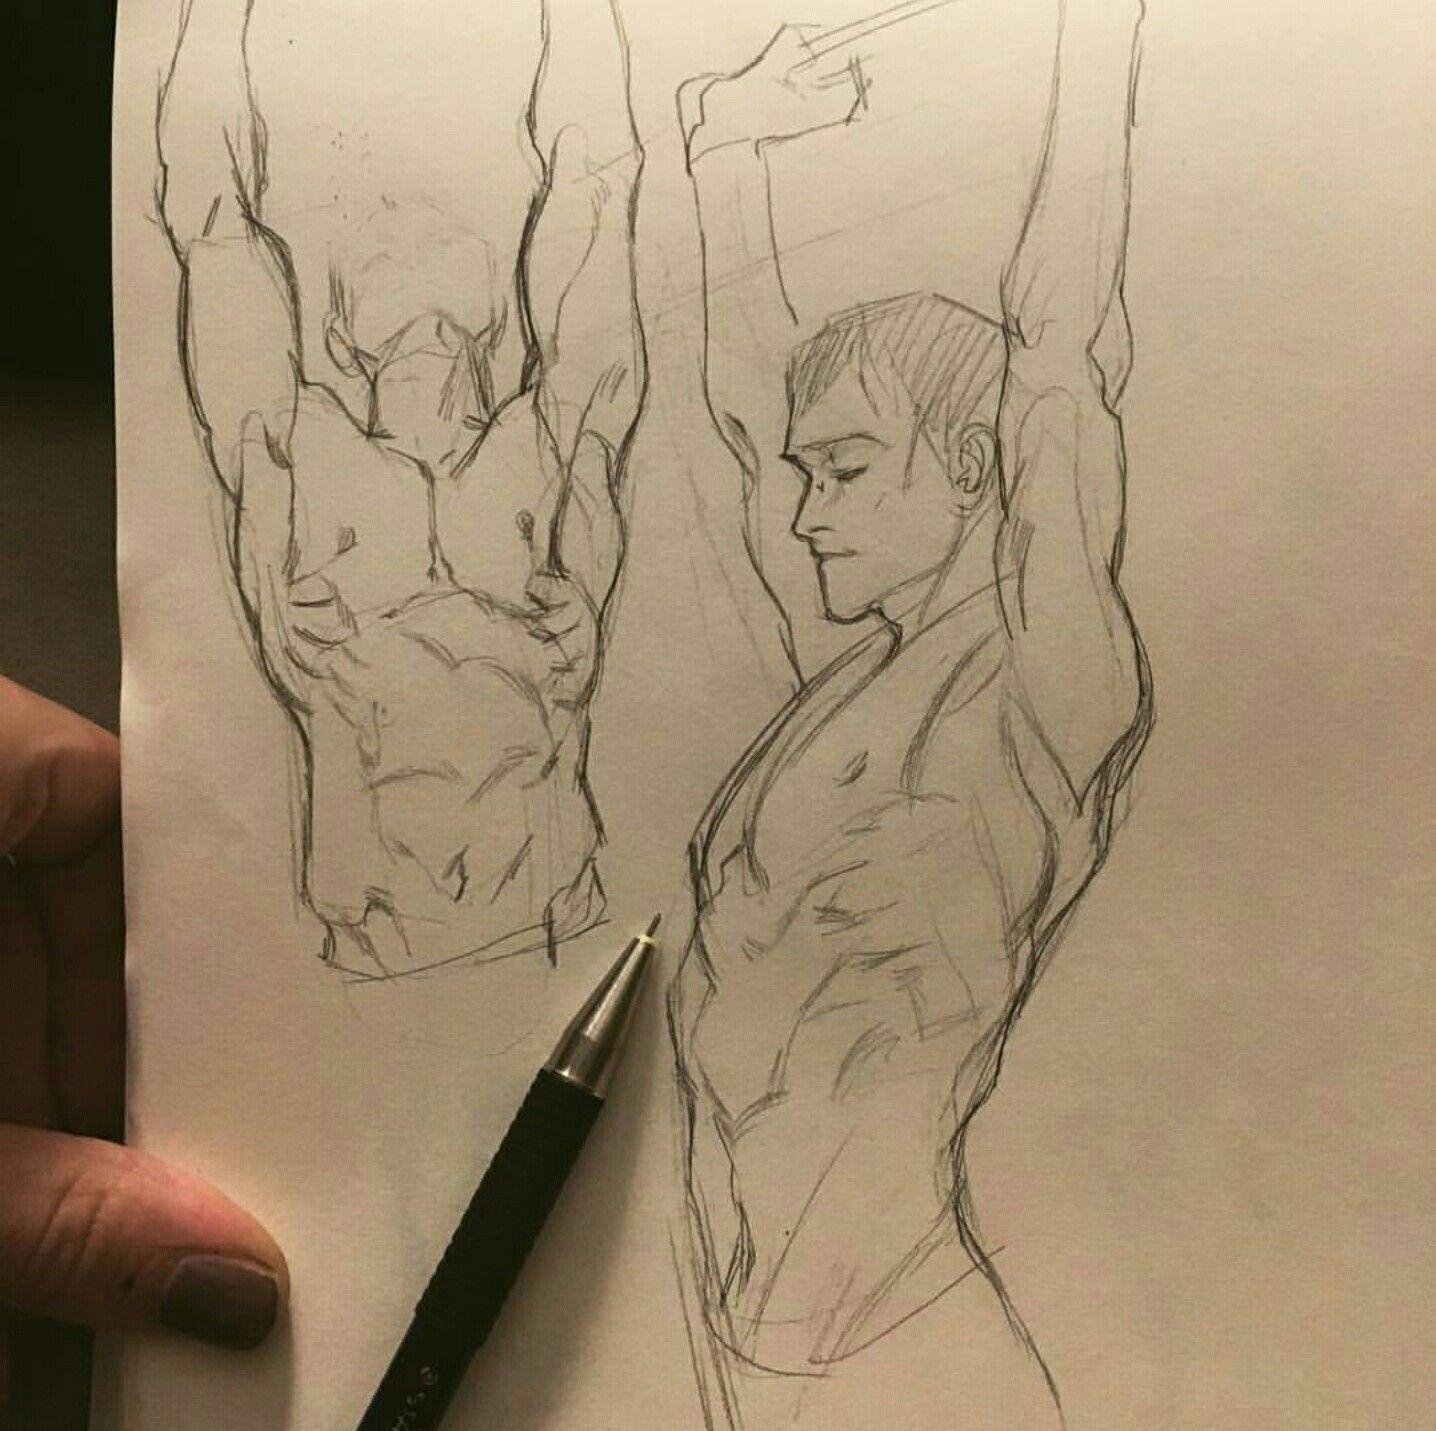 Pin de 孟儒 謝 en Action poses | Pinterest | Anatomía, Dibujo y Bocetos